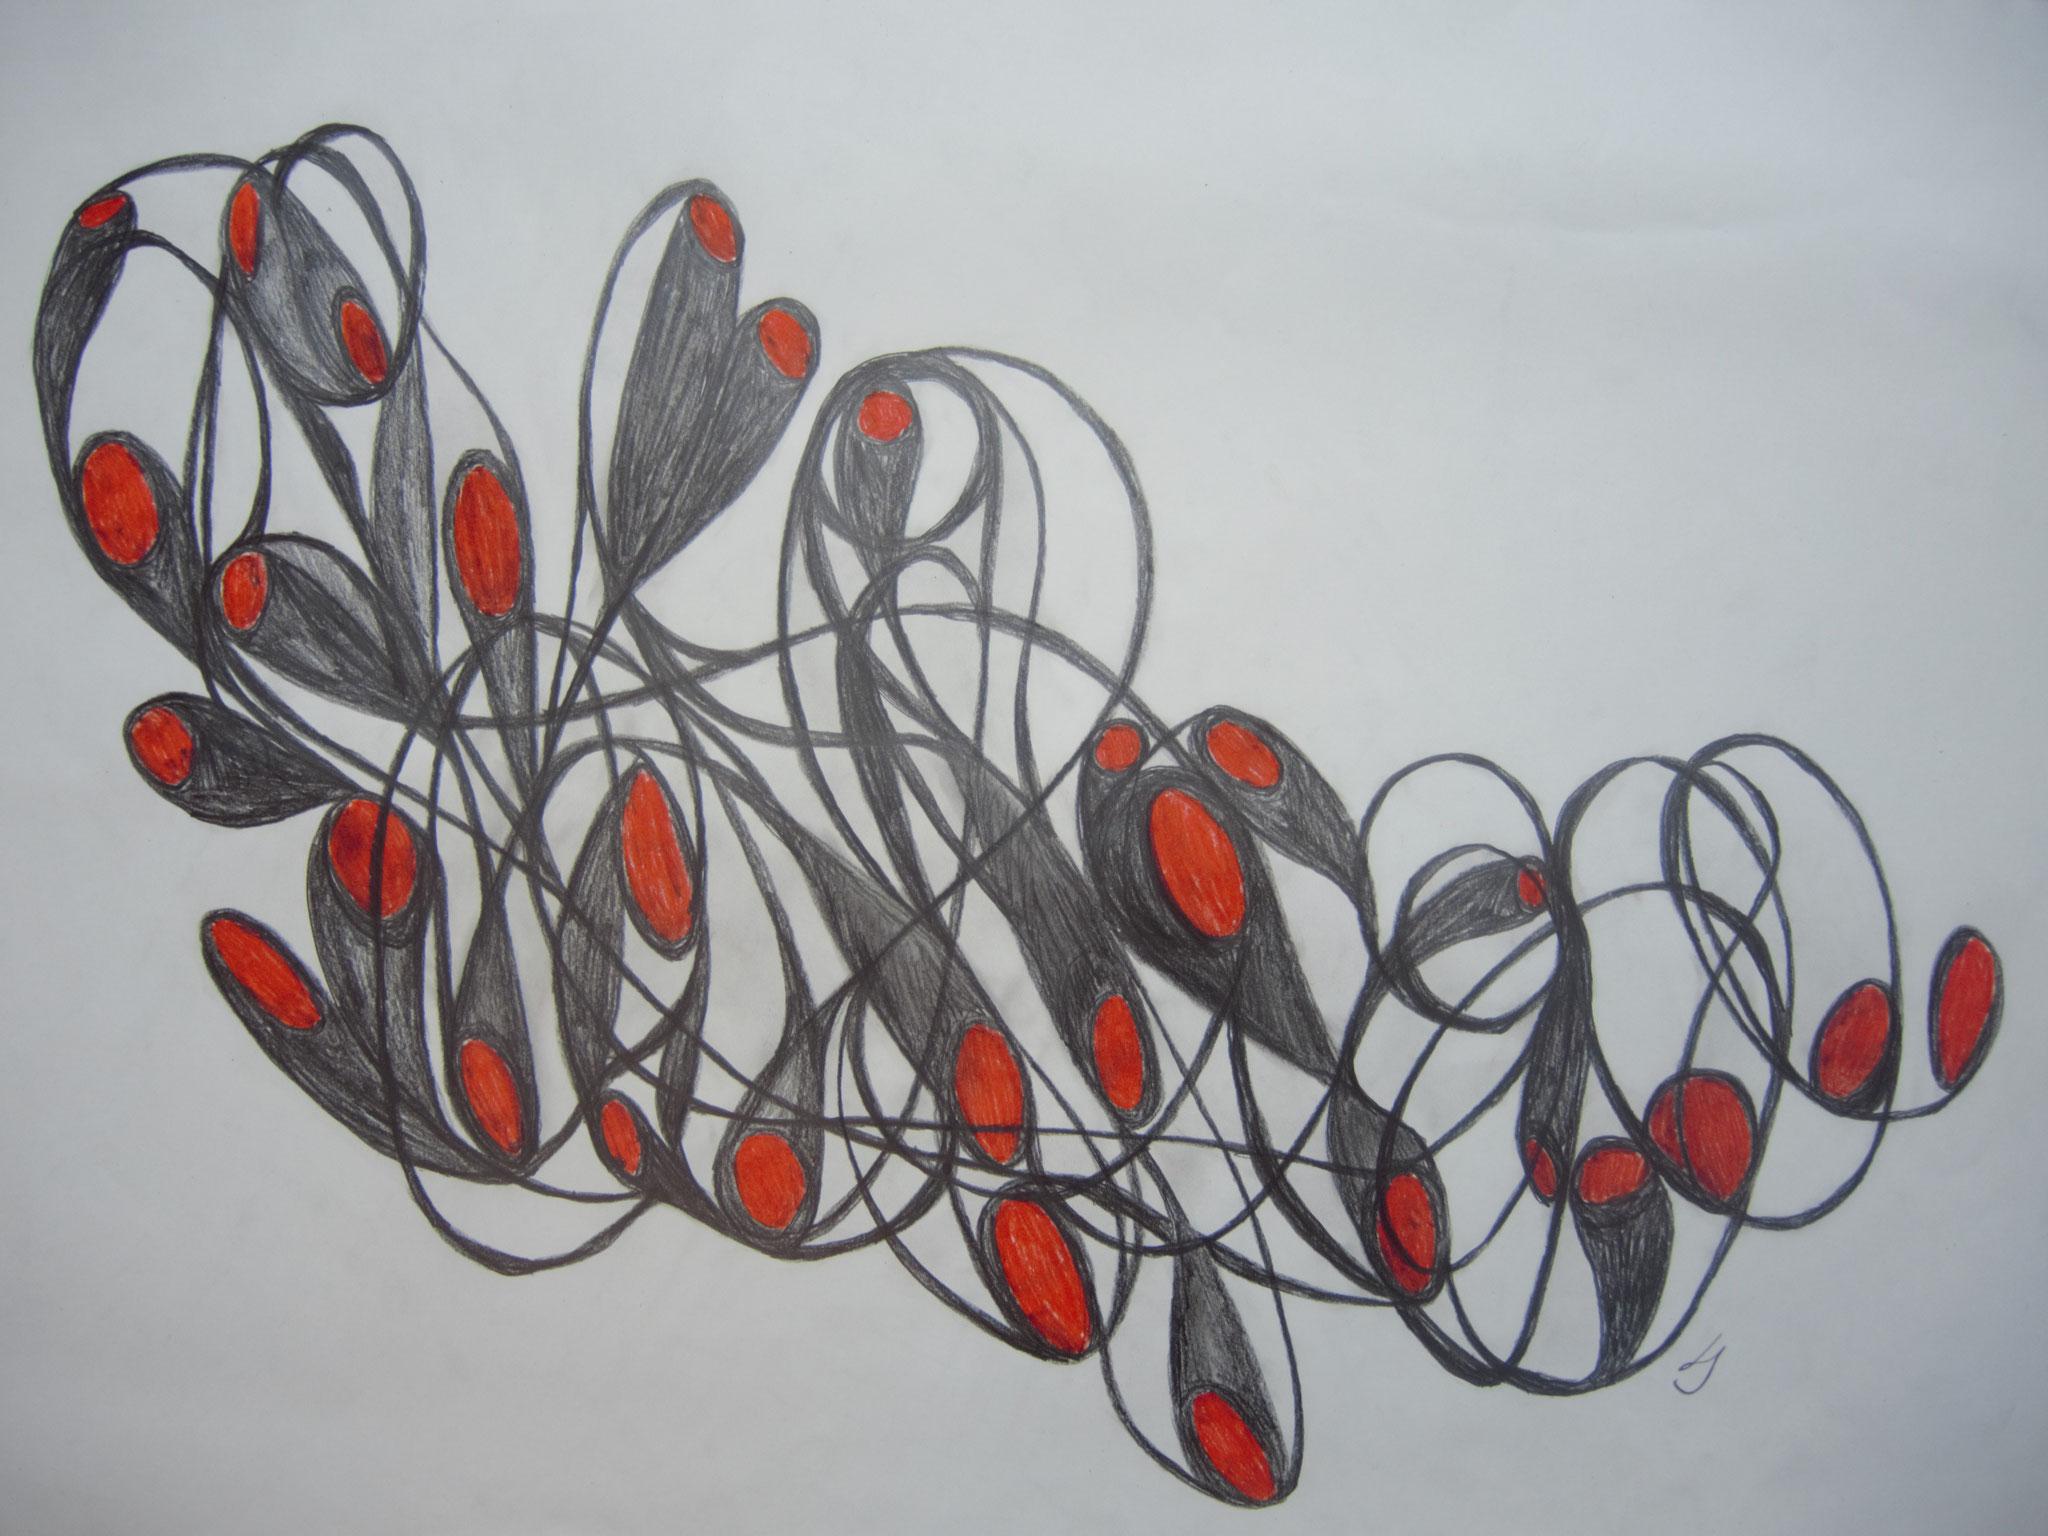 Graphit/Pastellstift, 50 x 70cm, 2020